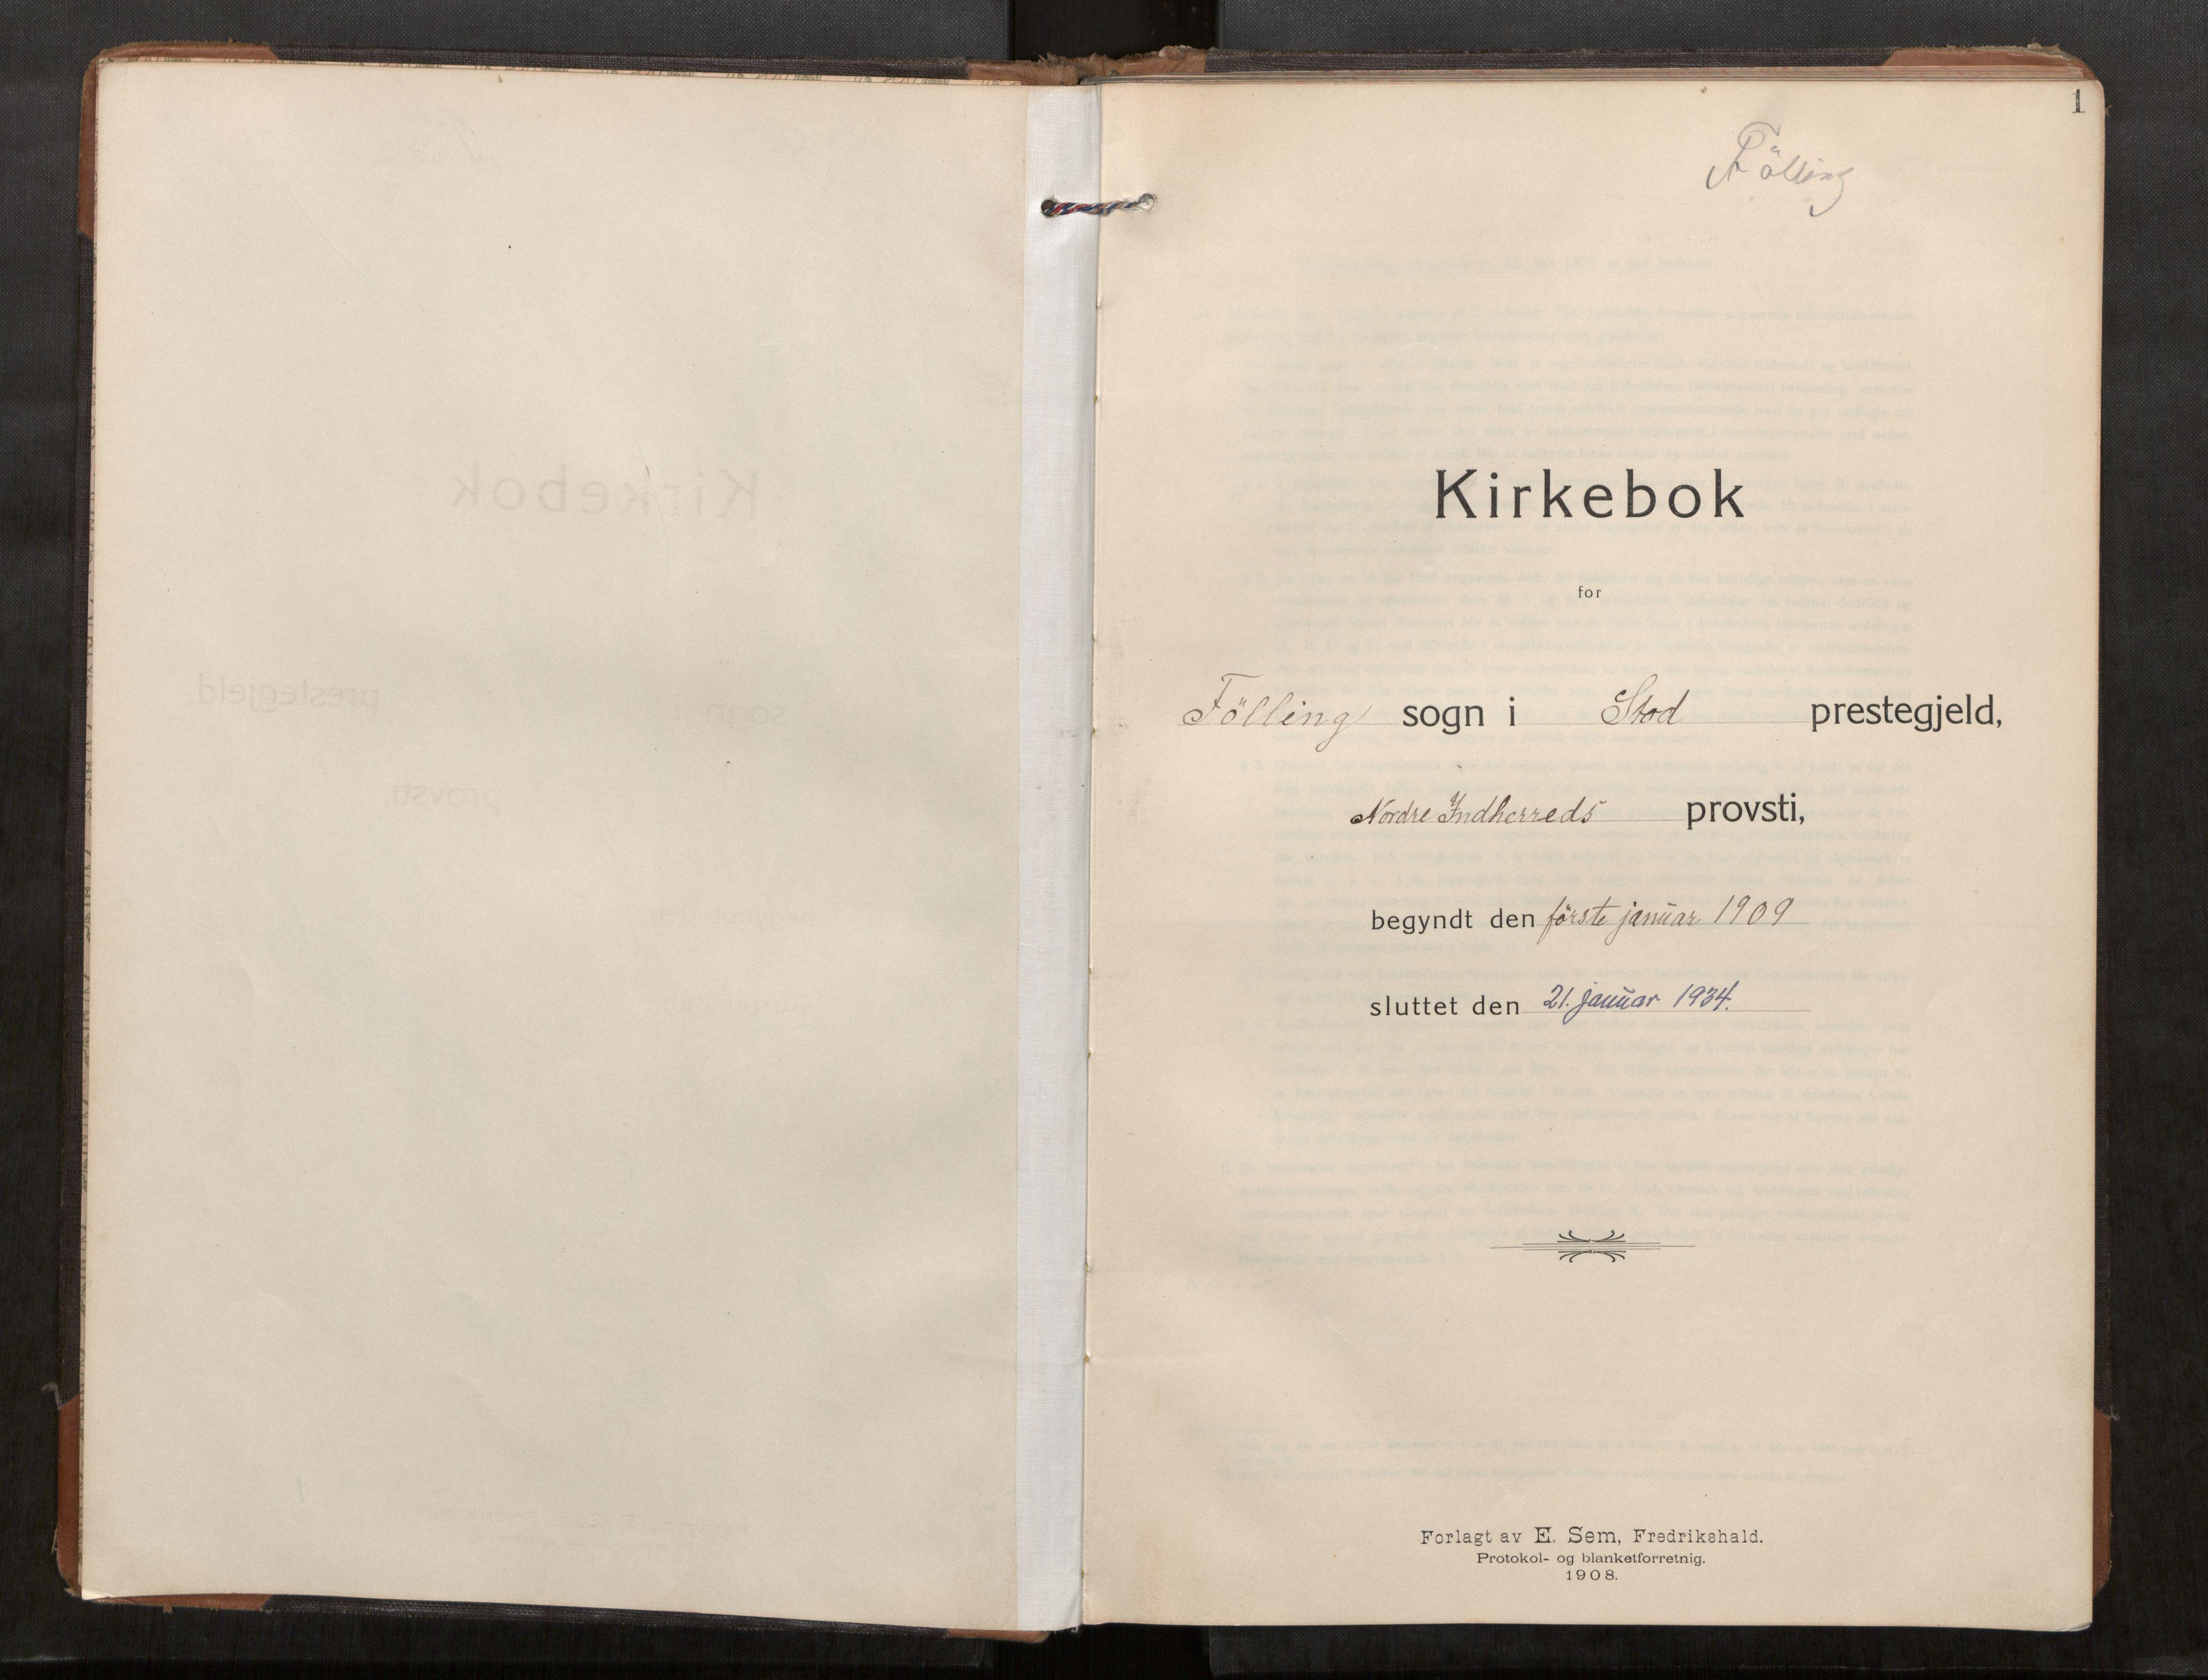 SAT, Stod sokneprestkontor, I/I1/I1a/L0003: Parish register (official) no. 3, 1909-1934, p. 1